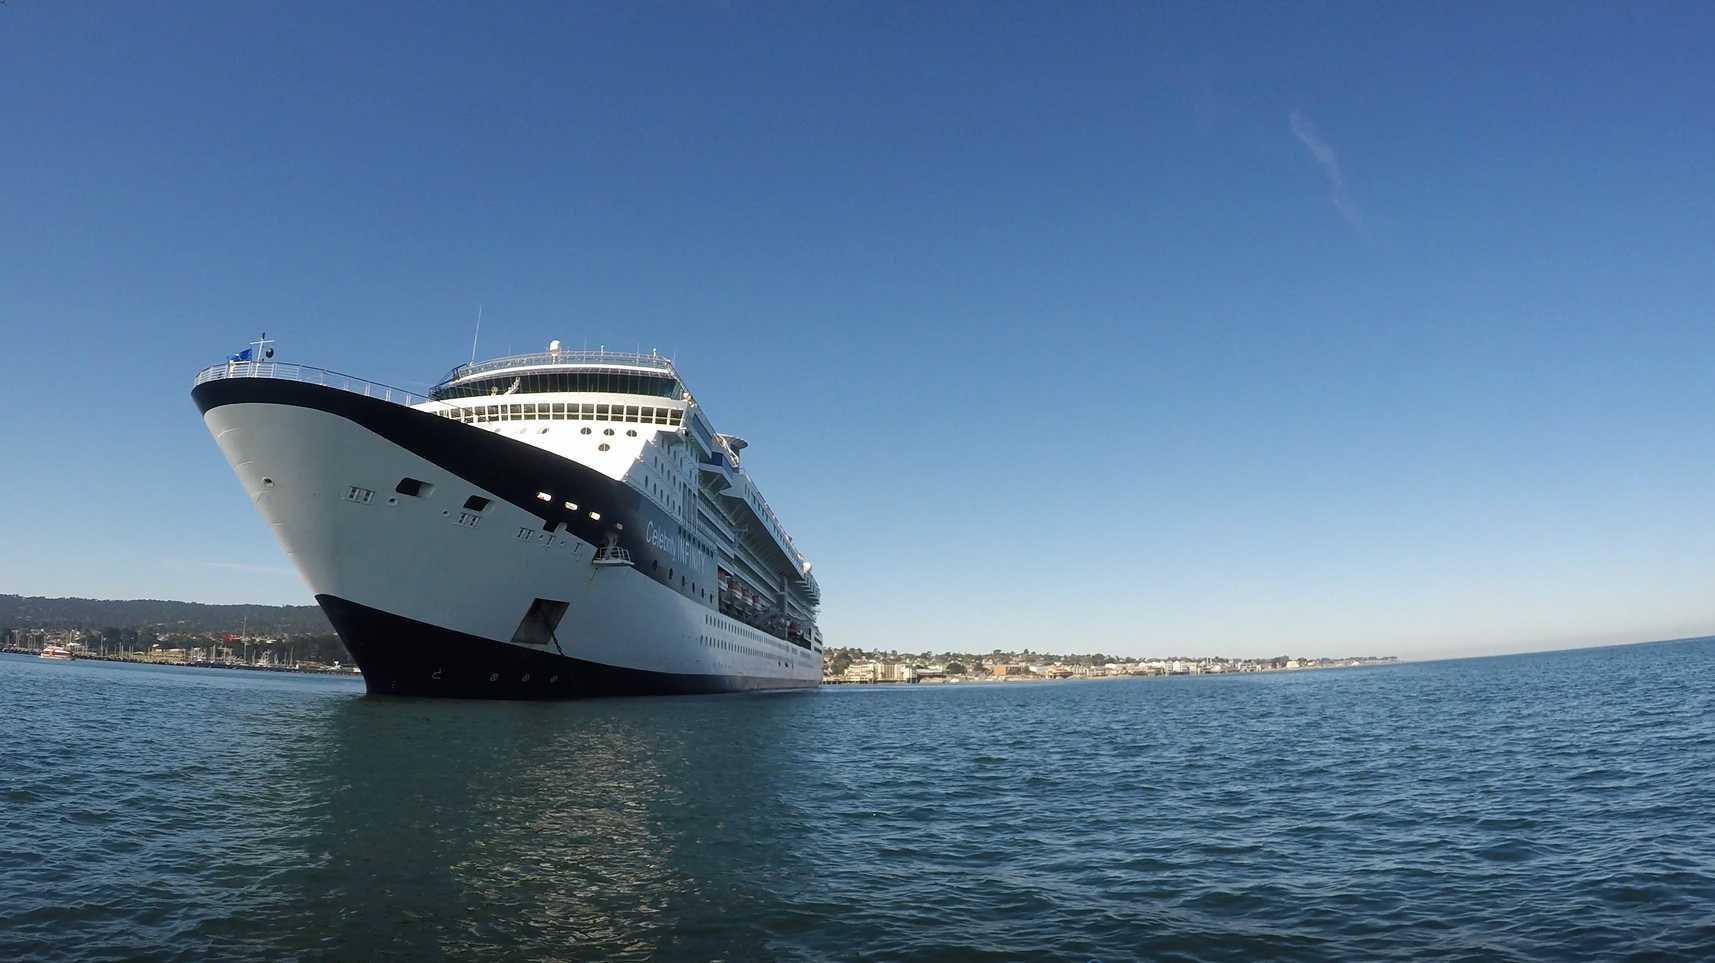 Monterey Bay cruise ship